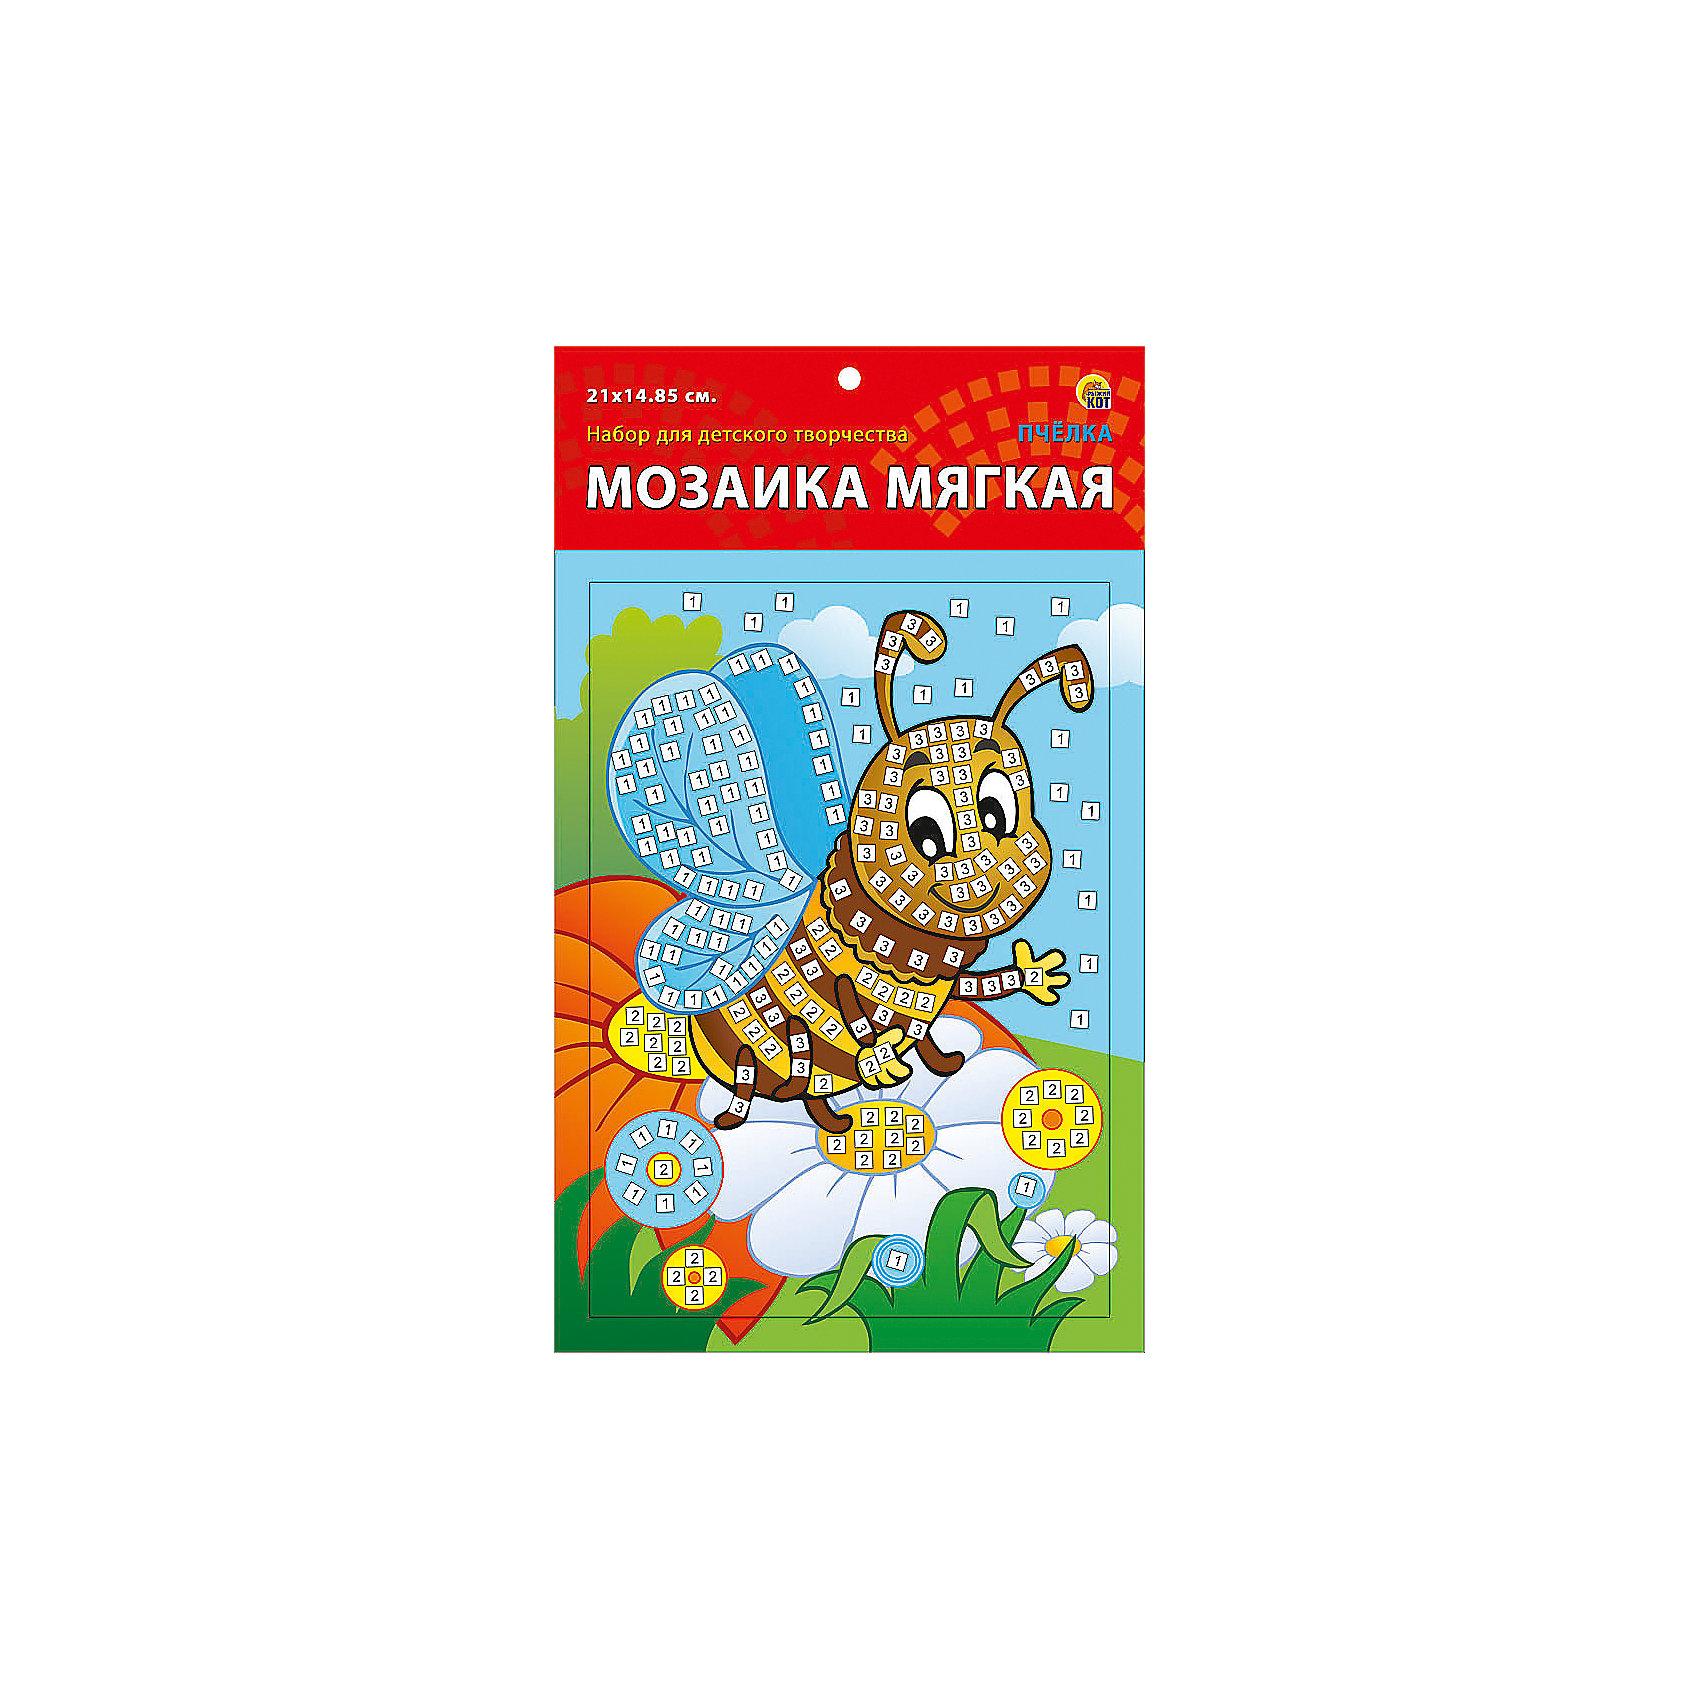 Мягкая мозаика Пчелка формат А5 (21х15 см)Мозаика<br>Замечательный набор для детского творчества серии Мягкая мозаика станет прекрасным подарком для Вашего ребёнка, ведь он развивает творческие способности, мелкую моторику рук, цветовосприятие, внимание и художественный вкус! Малышу просто необходимо приклеить к пронумерованным областям на картинке детали соответствующих цветов. Набор привлекает ярким красивым дизайном и выполнен из безопасных материалов. Предназначено для детей в возрасте от 3-х лет.<br><br>Ширина мм: 350<br>Глубина мм: 50<br>Высота мм: 225<br>Вес г: 450<br>Возраст от месяцев: 0<br>Возраст до месяцев: 108<br>Пол: Унисекс<br>Возраст: Детский<br>SKU: 5096870